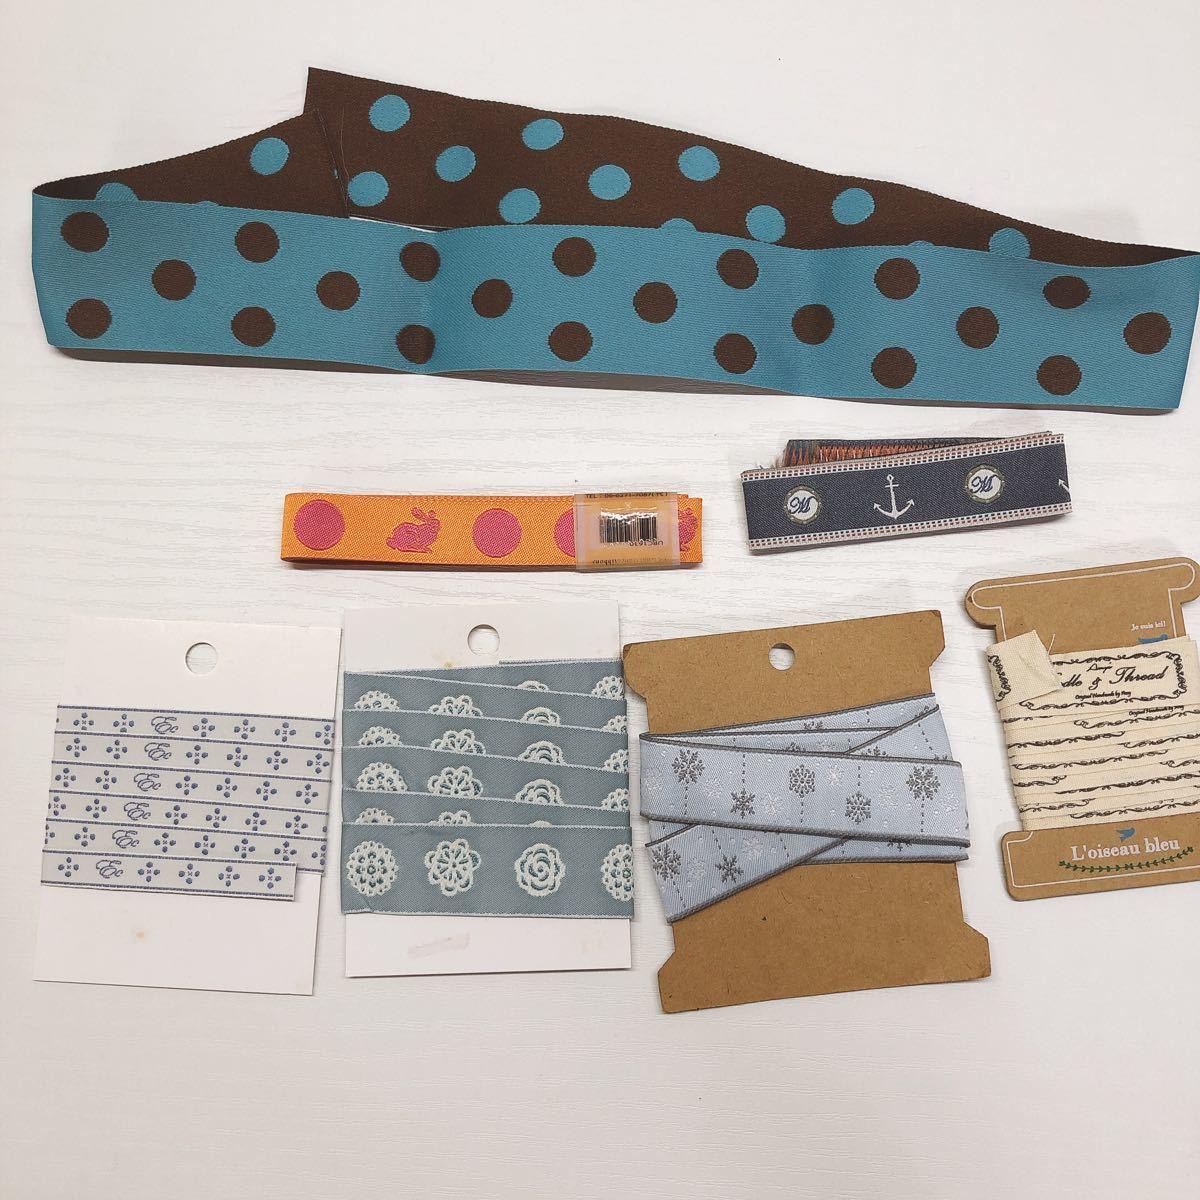 ハンドメイド資材 まとめ売り リボン テープ 織テープ